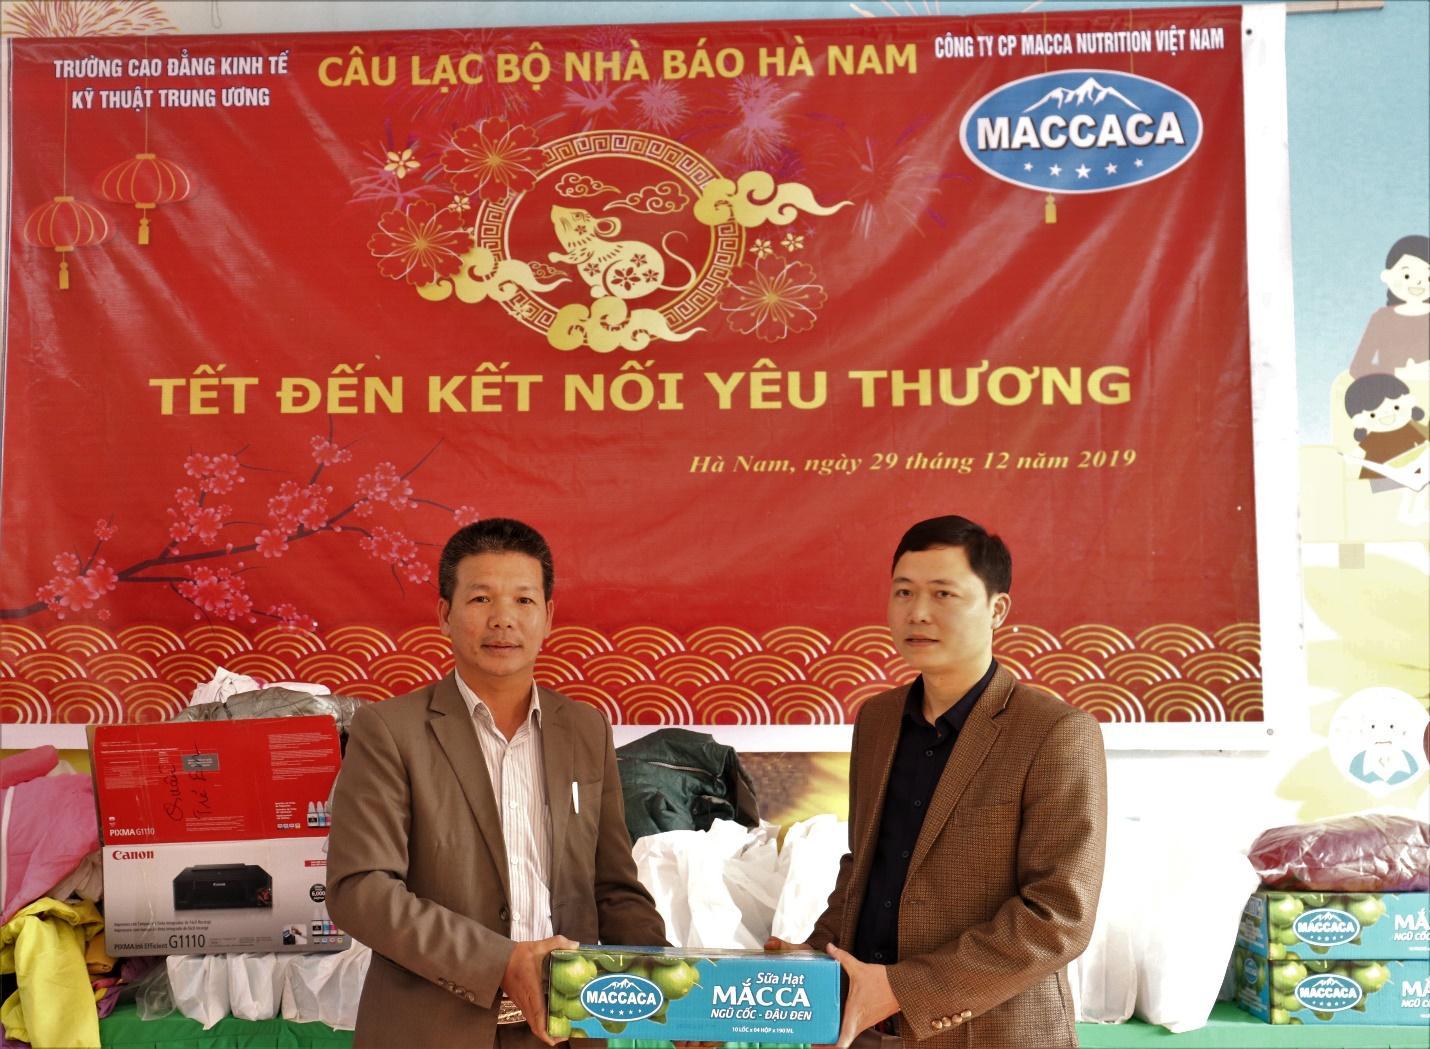 Công ty Macca Nutrition tổ chức thăm và tặng quà tại Trung tâm công tác xã hội tỉnh Hà Nam - Ảnh 4